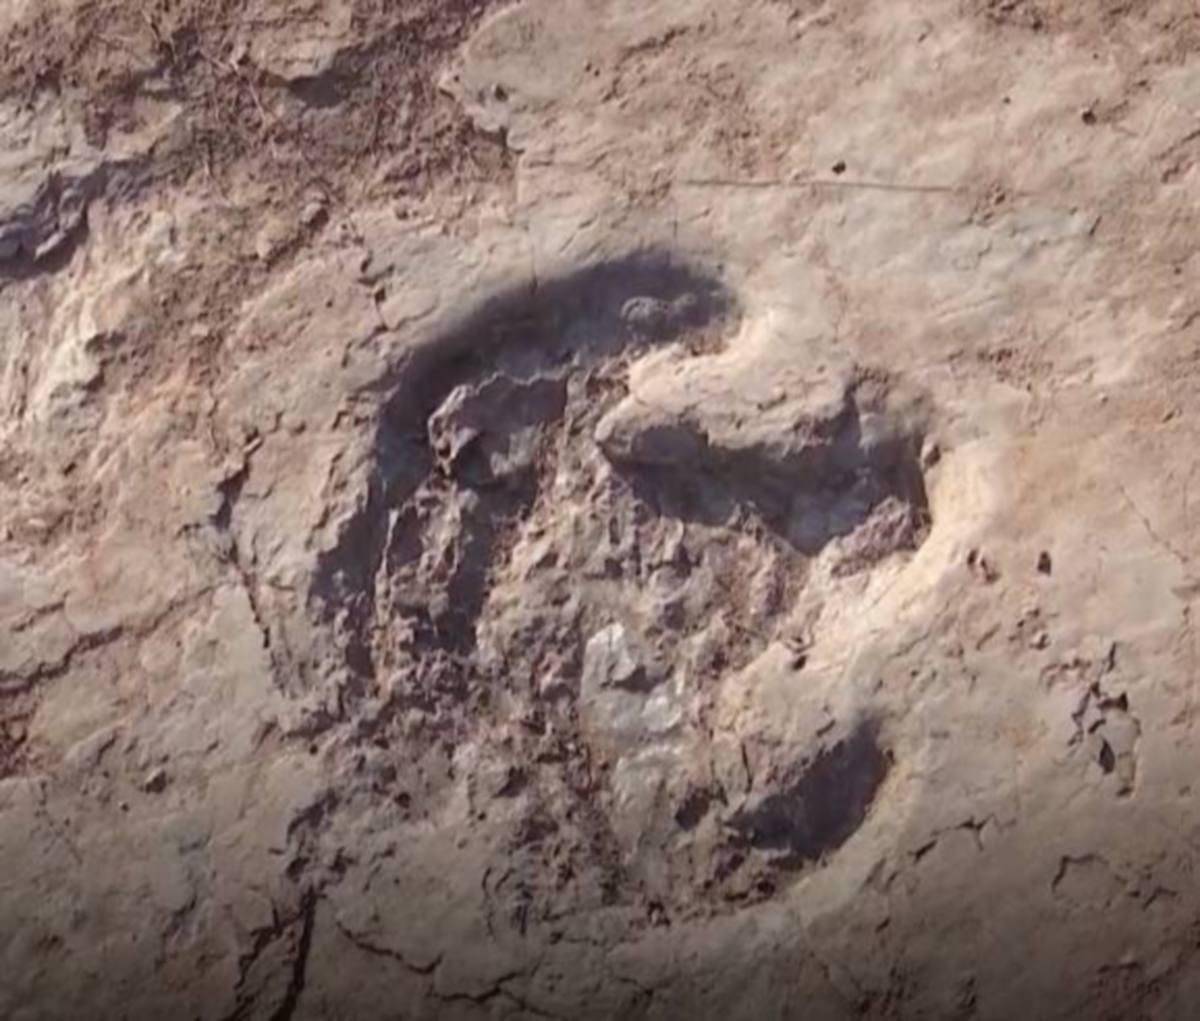 FOSIL tapak kaki dinosaur. FOTO Agensi